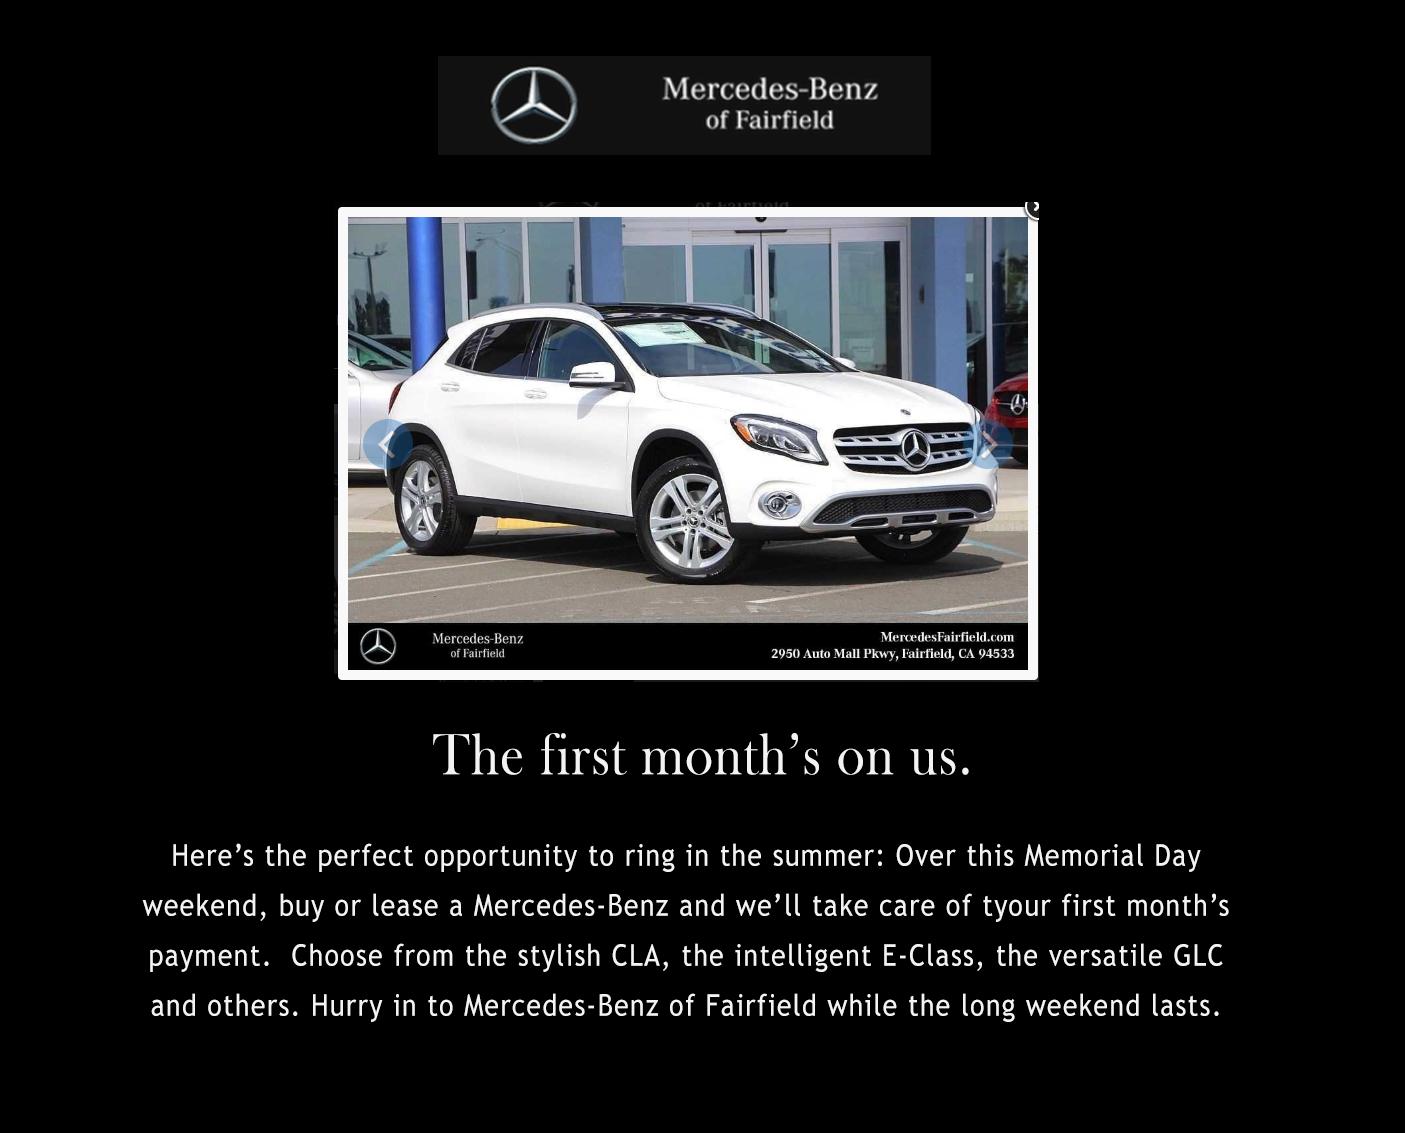 Mercedes-Benz Of Fairfield